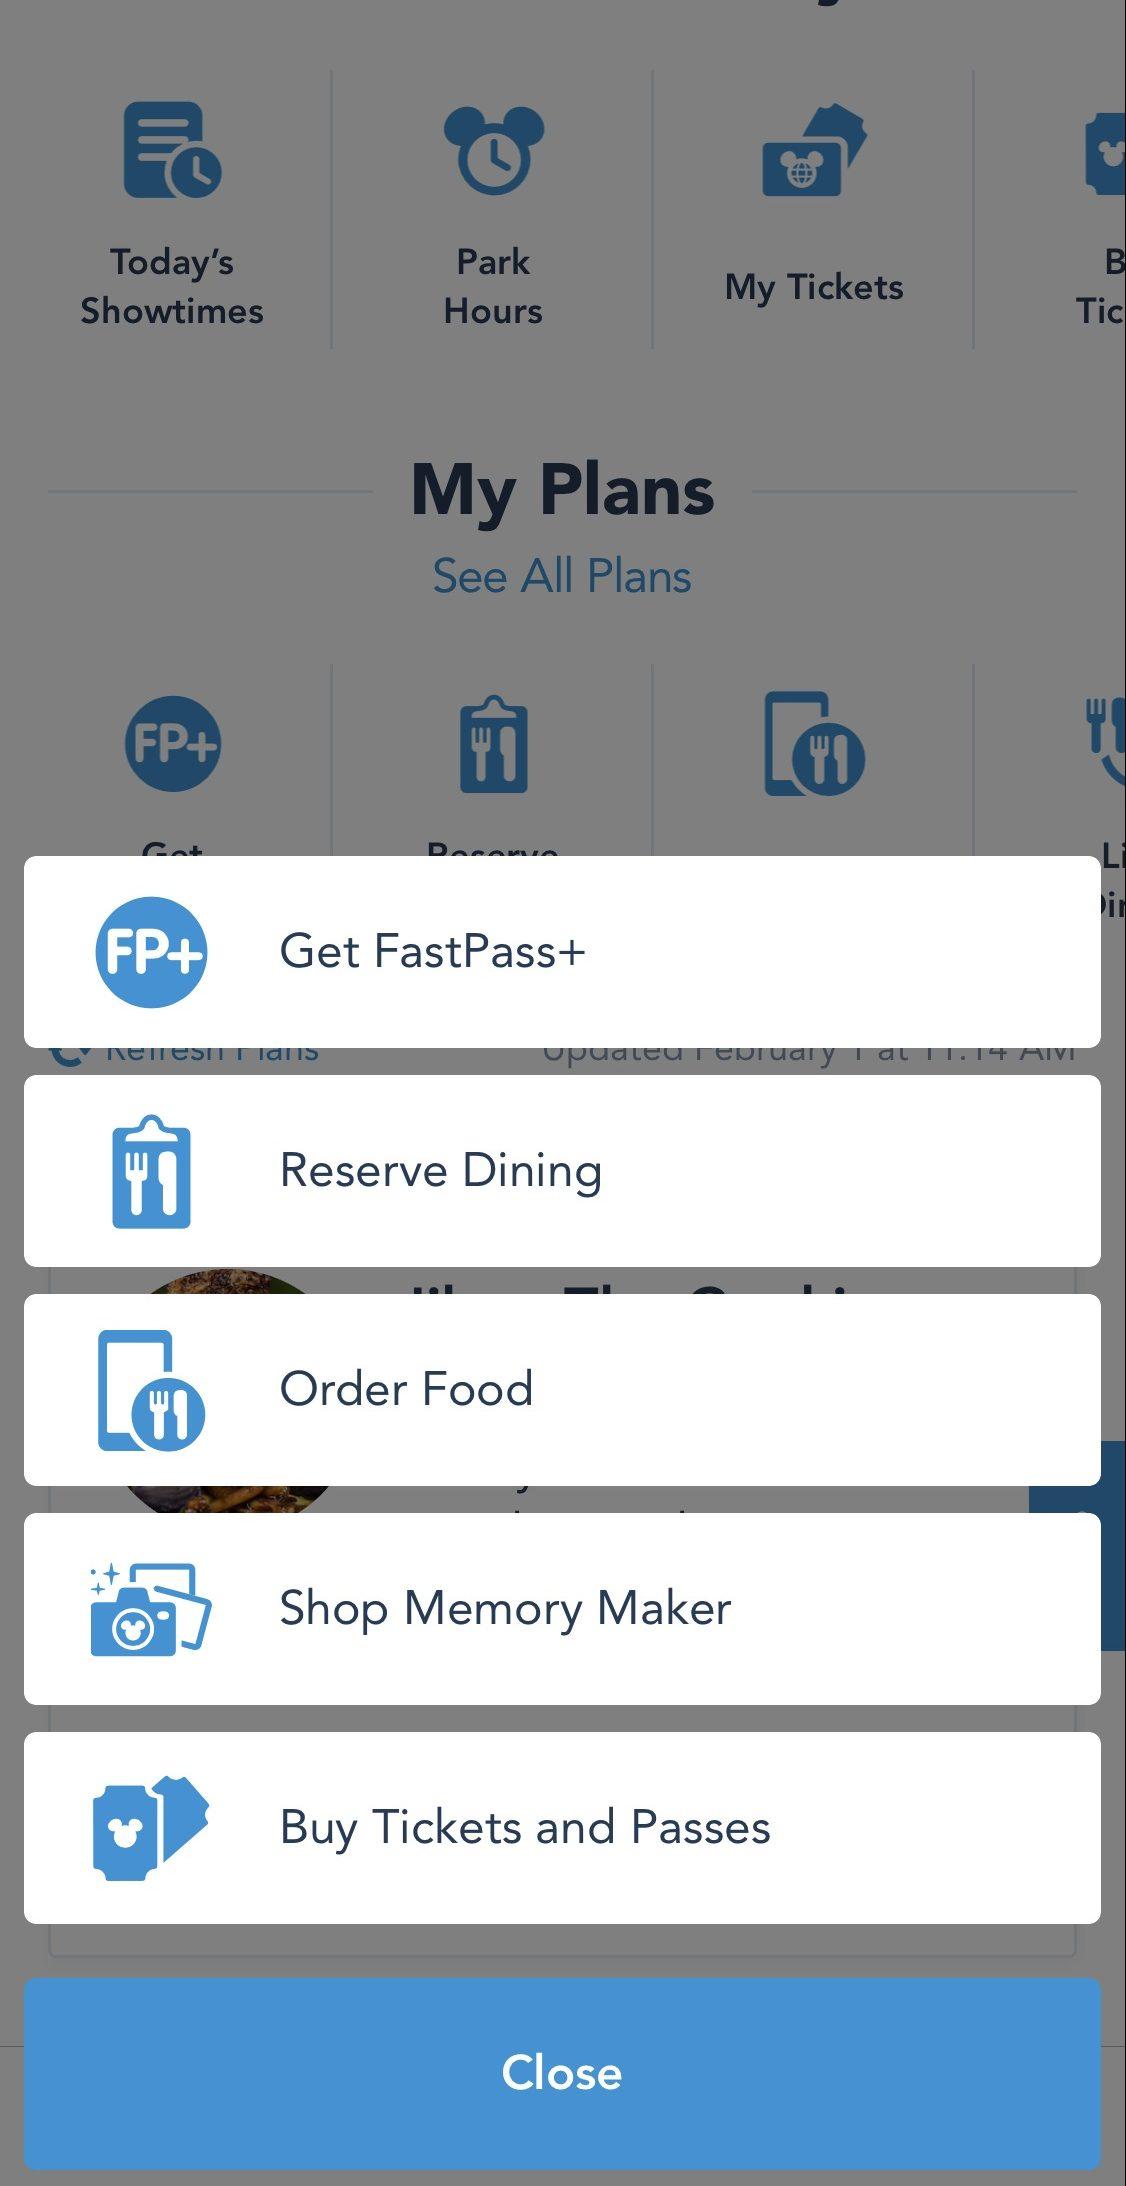 My Disney Experience - Apps essenciais. Foto da tela no app My Disney Experience, mostrando as opções disponíveis para planejar as visitas aos parques